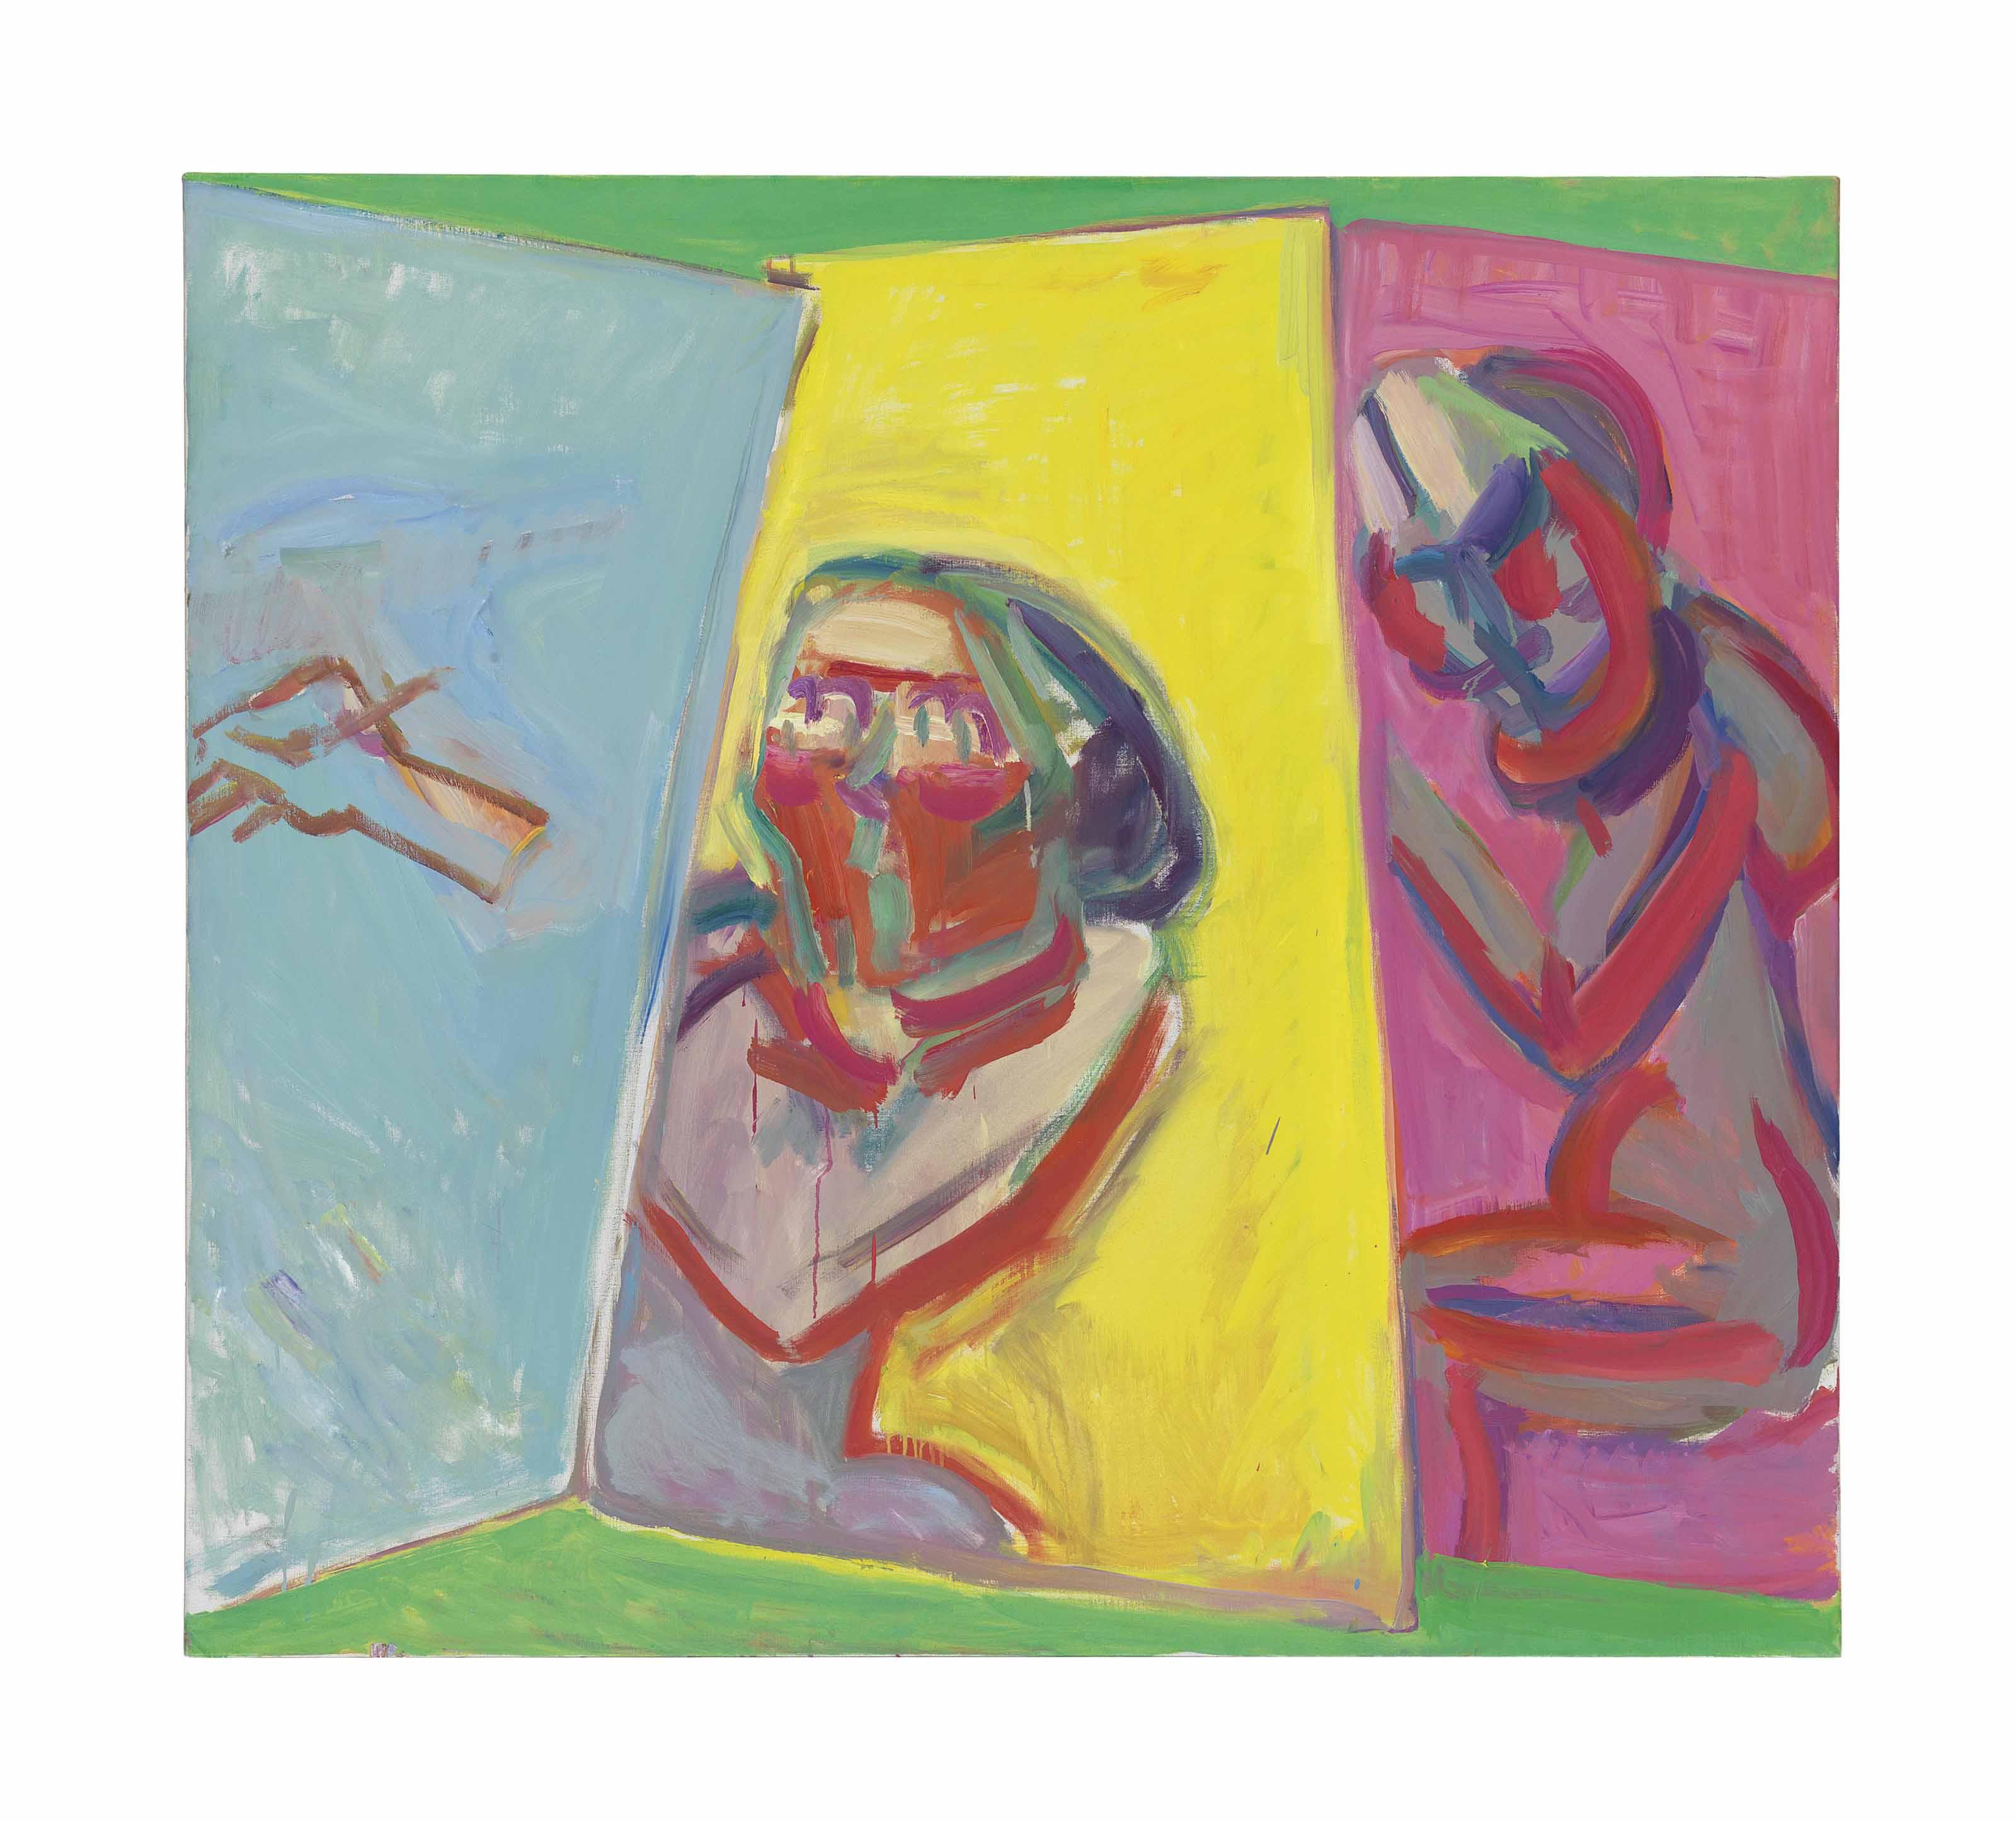 Zwei Maler, drei Leinwände (Two Painters, Three Canvases)